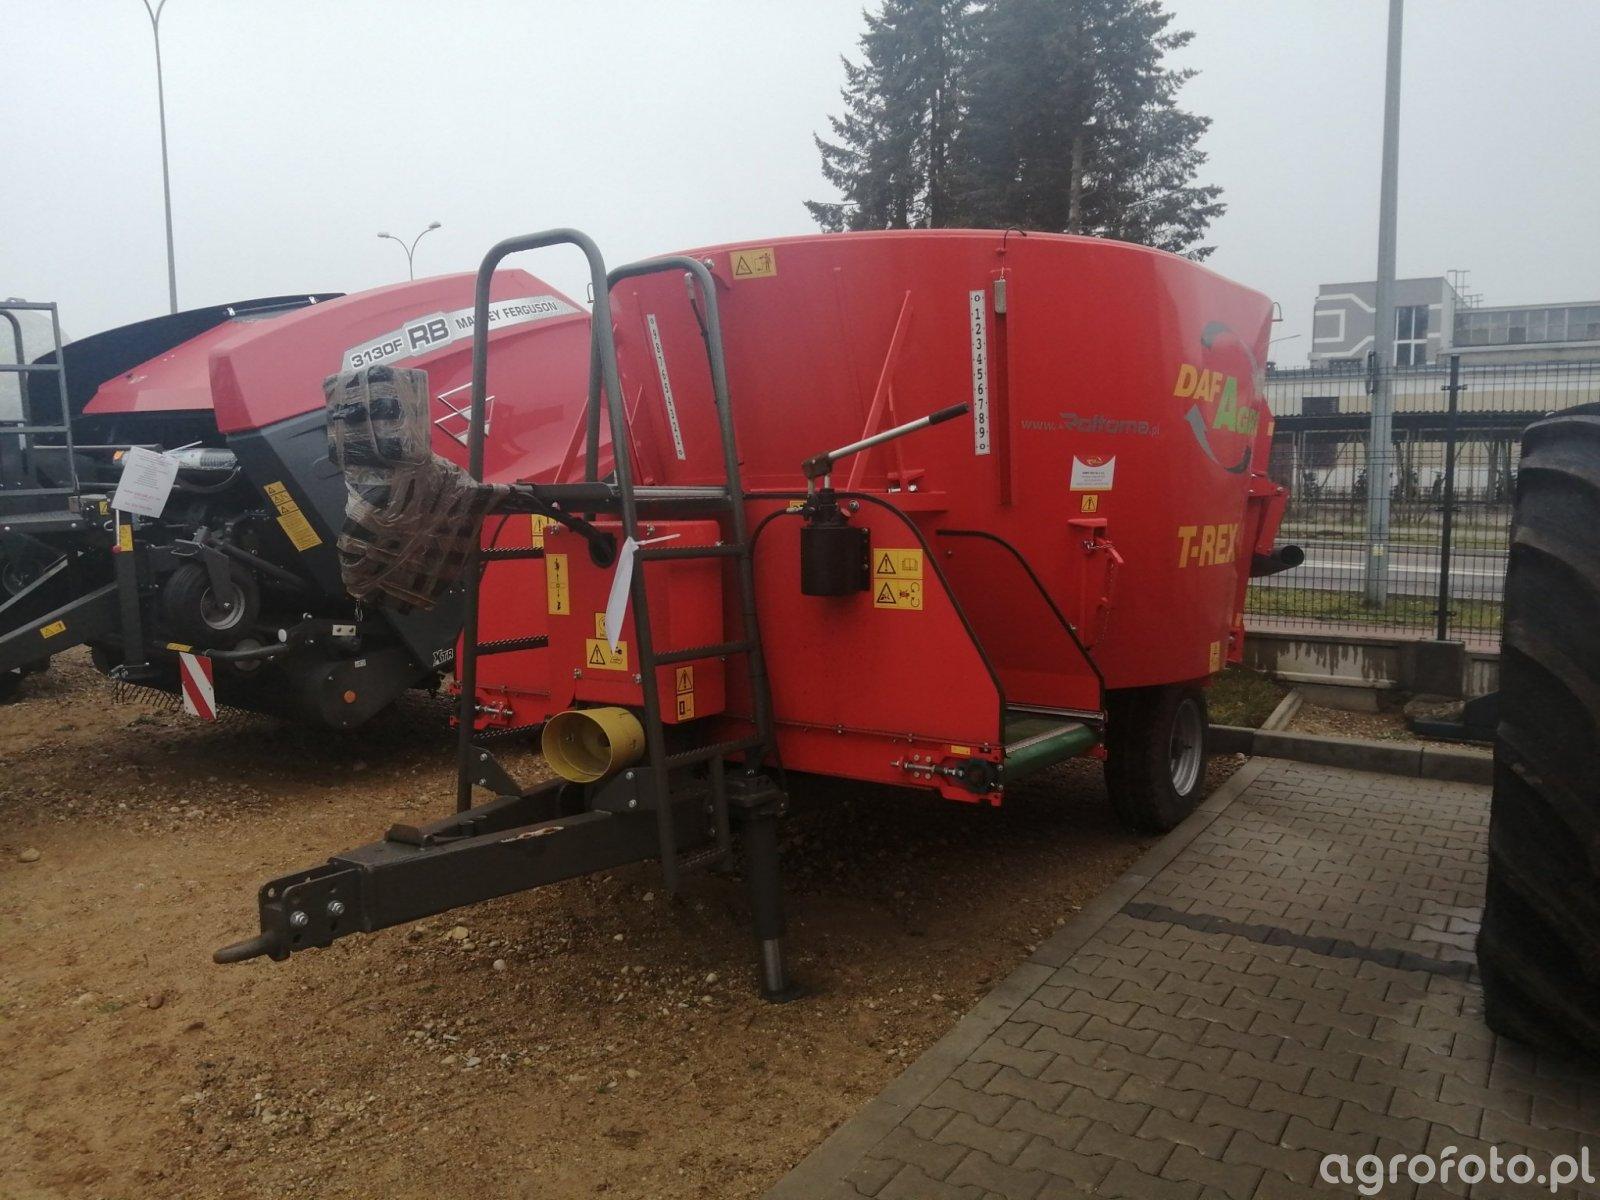 Daf Agro T rex 8m3